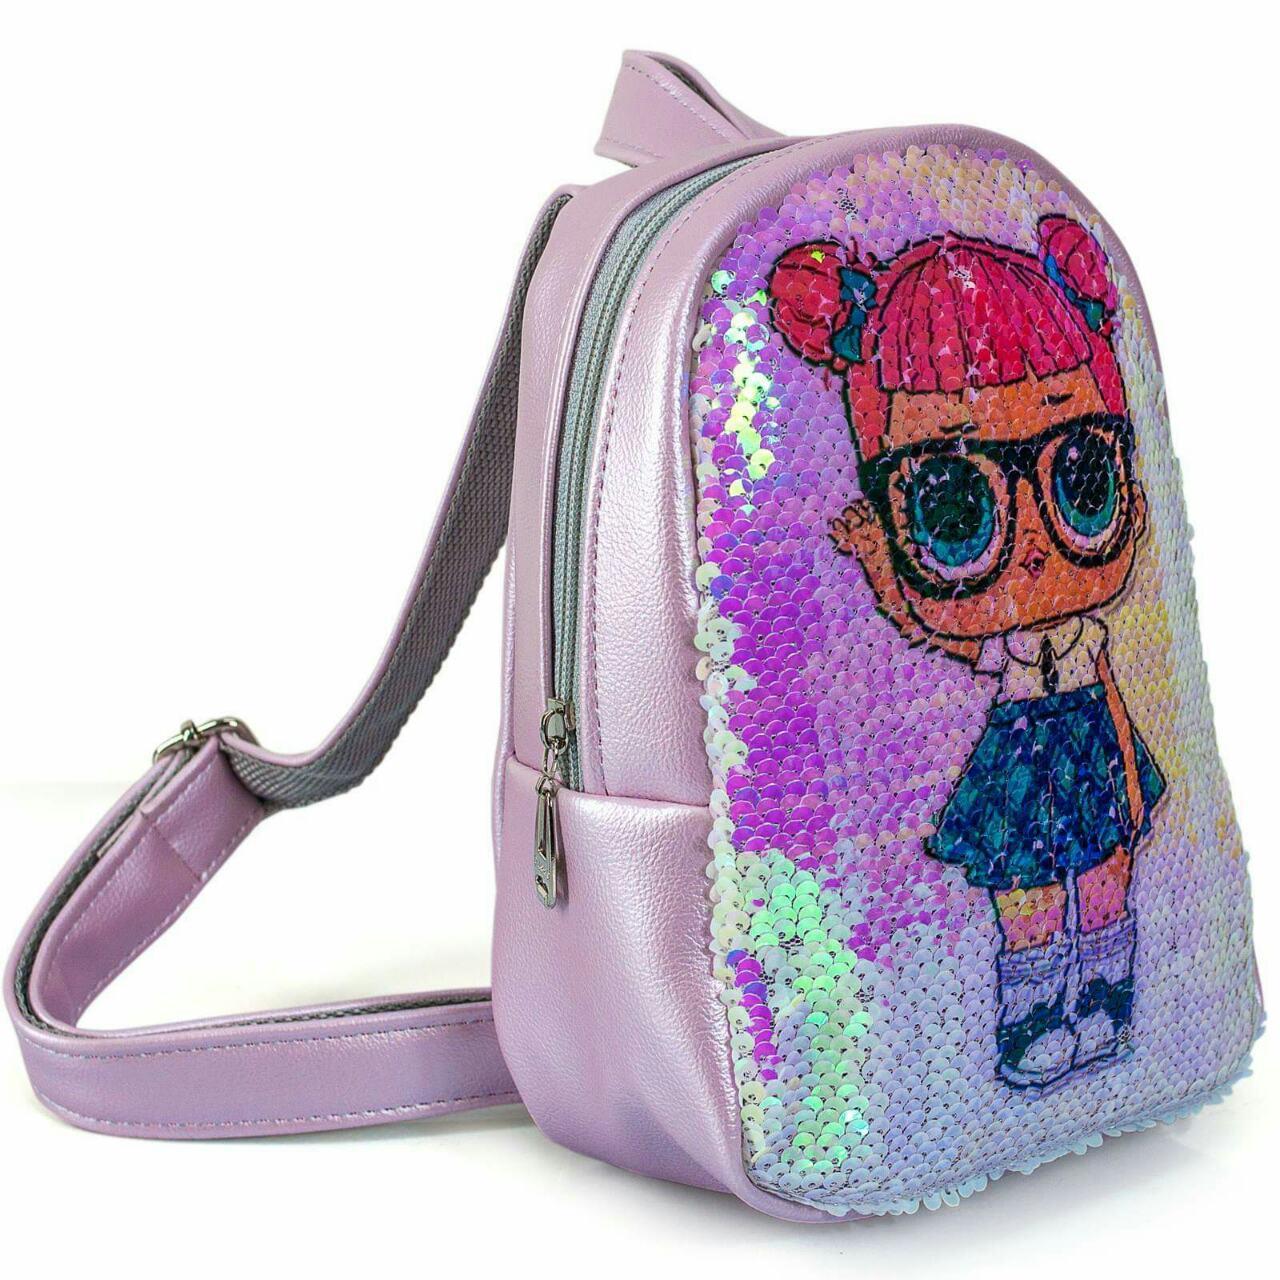 add27b28c72f Купить сейчас - Рюкзак детский с пайетками с Куклой LoL: 240 грн ...